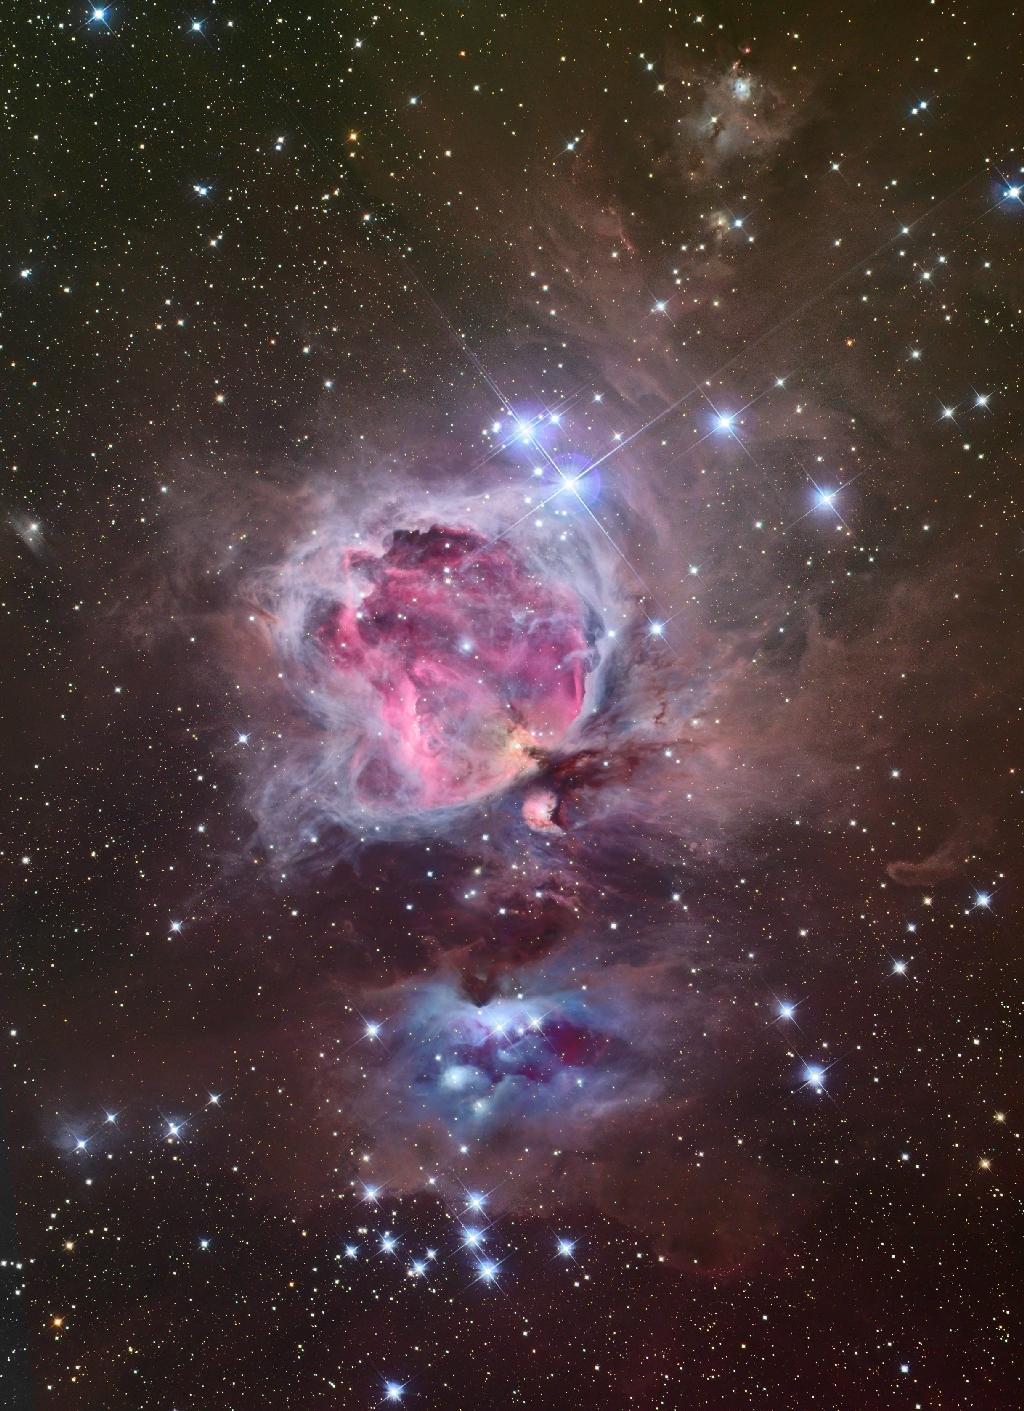 https://i1.wp.com/www.astrosurf.com/luxorion/Images/m42-christensen.jpg